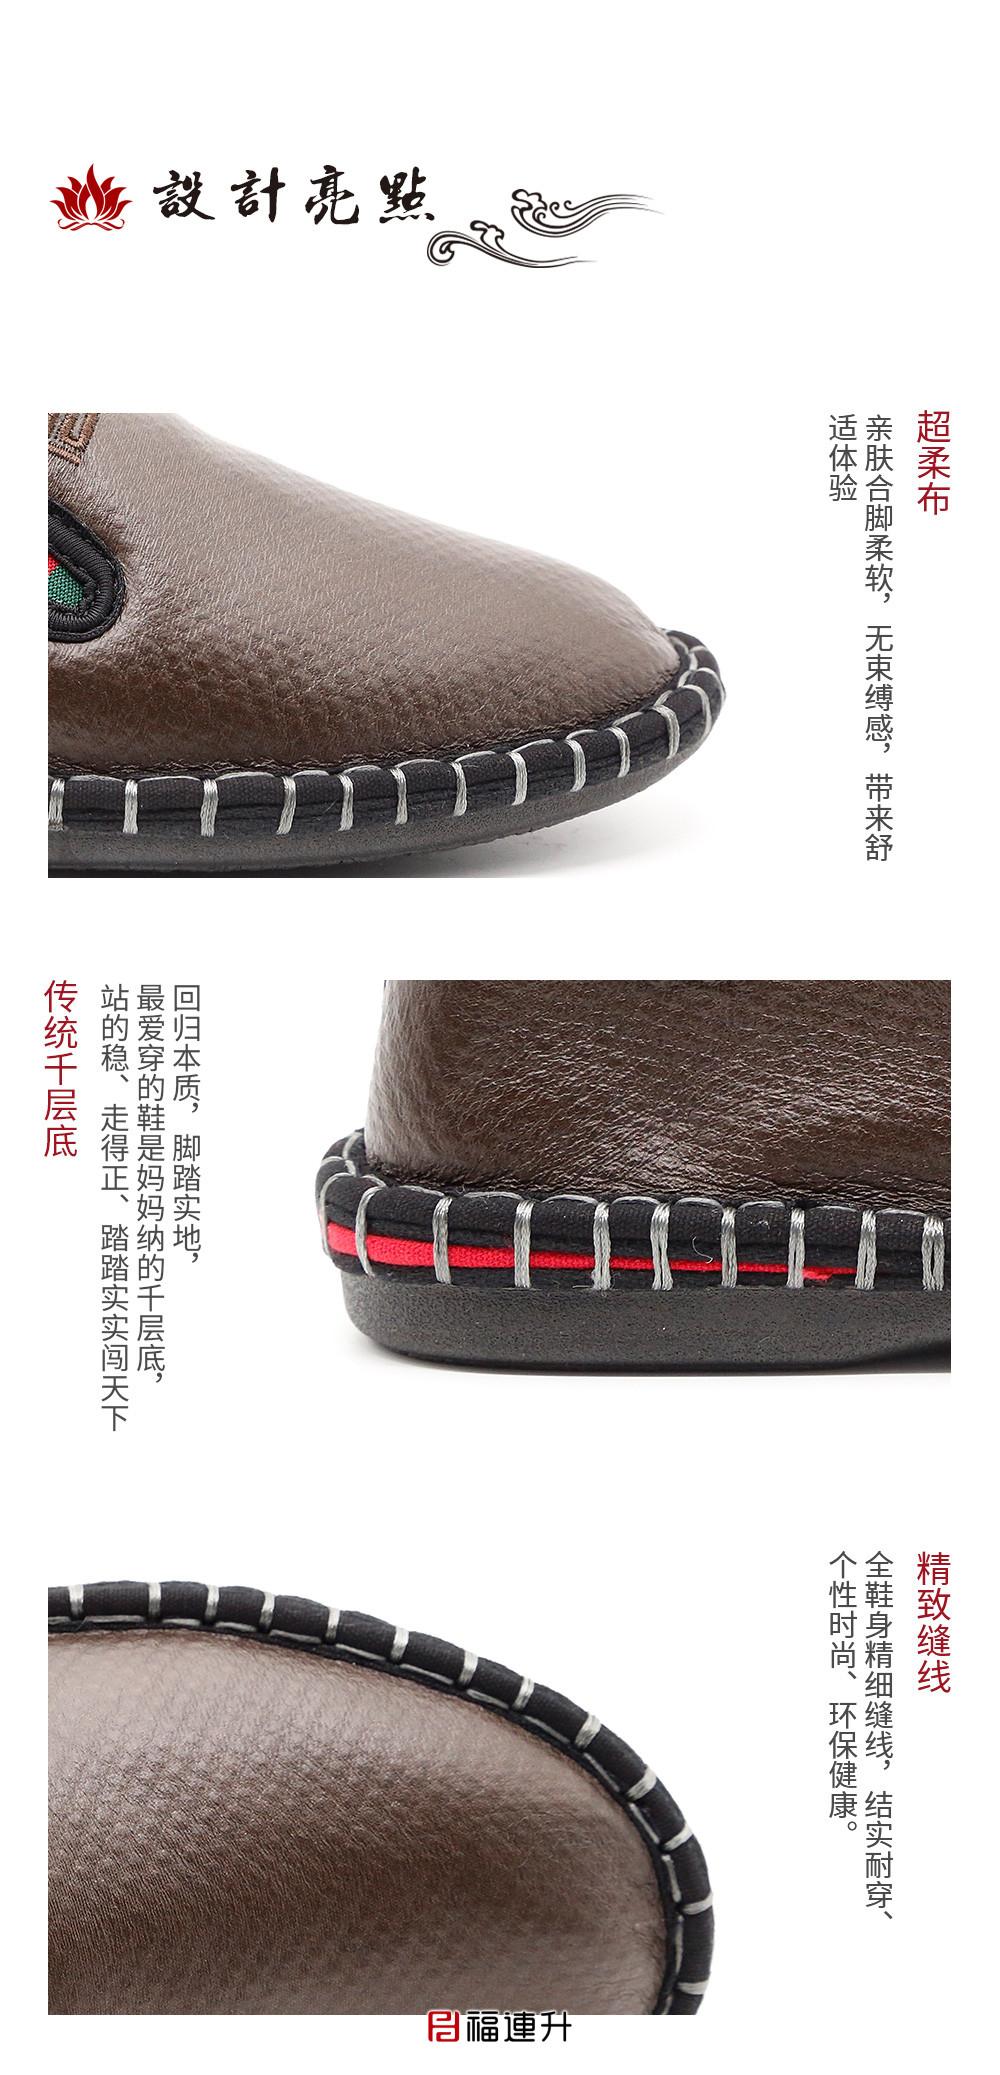 福连升2020冬季新款轻便男保暖中国风一脚蹬休闲鞋图片